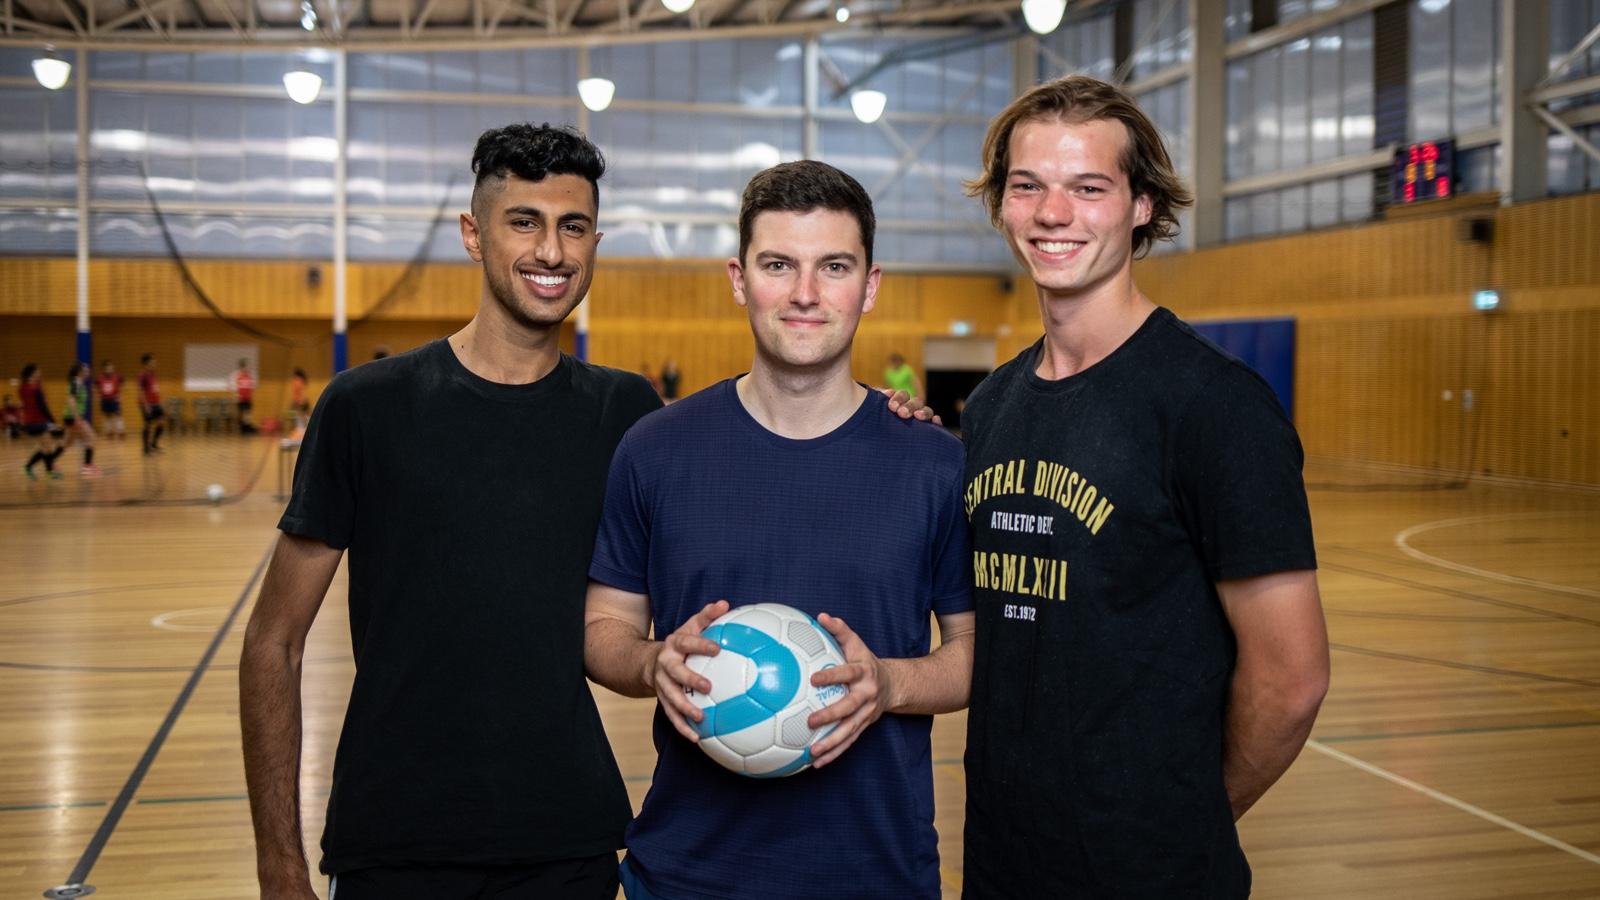 3 male Futsal players